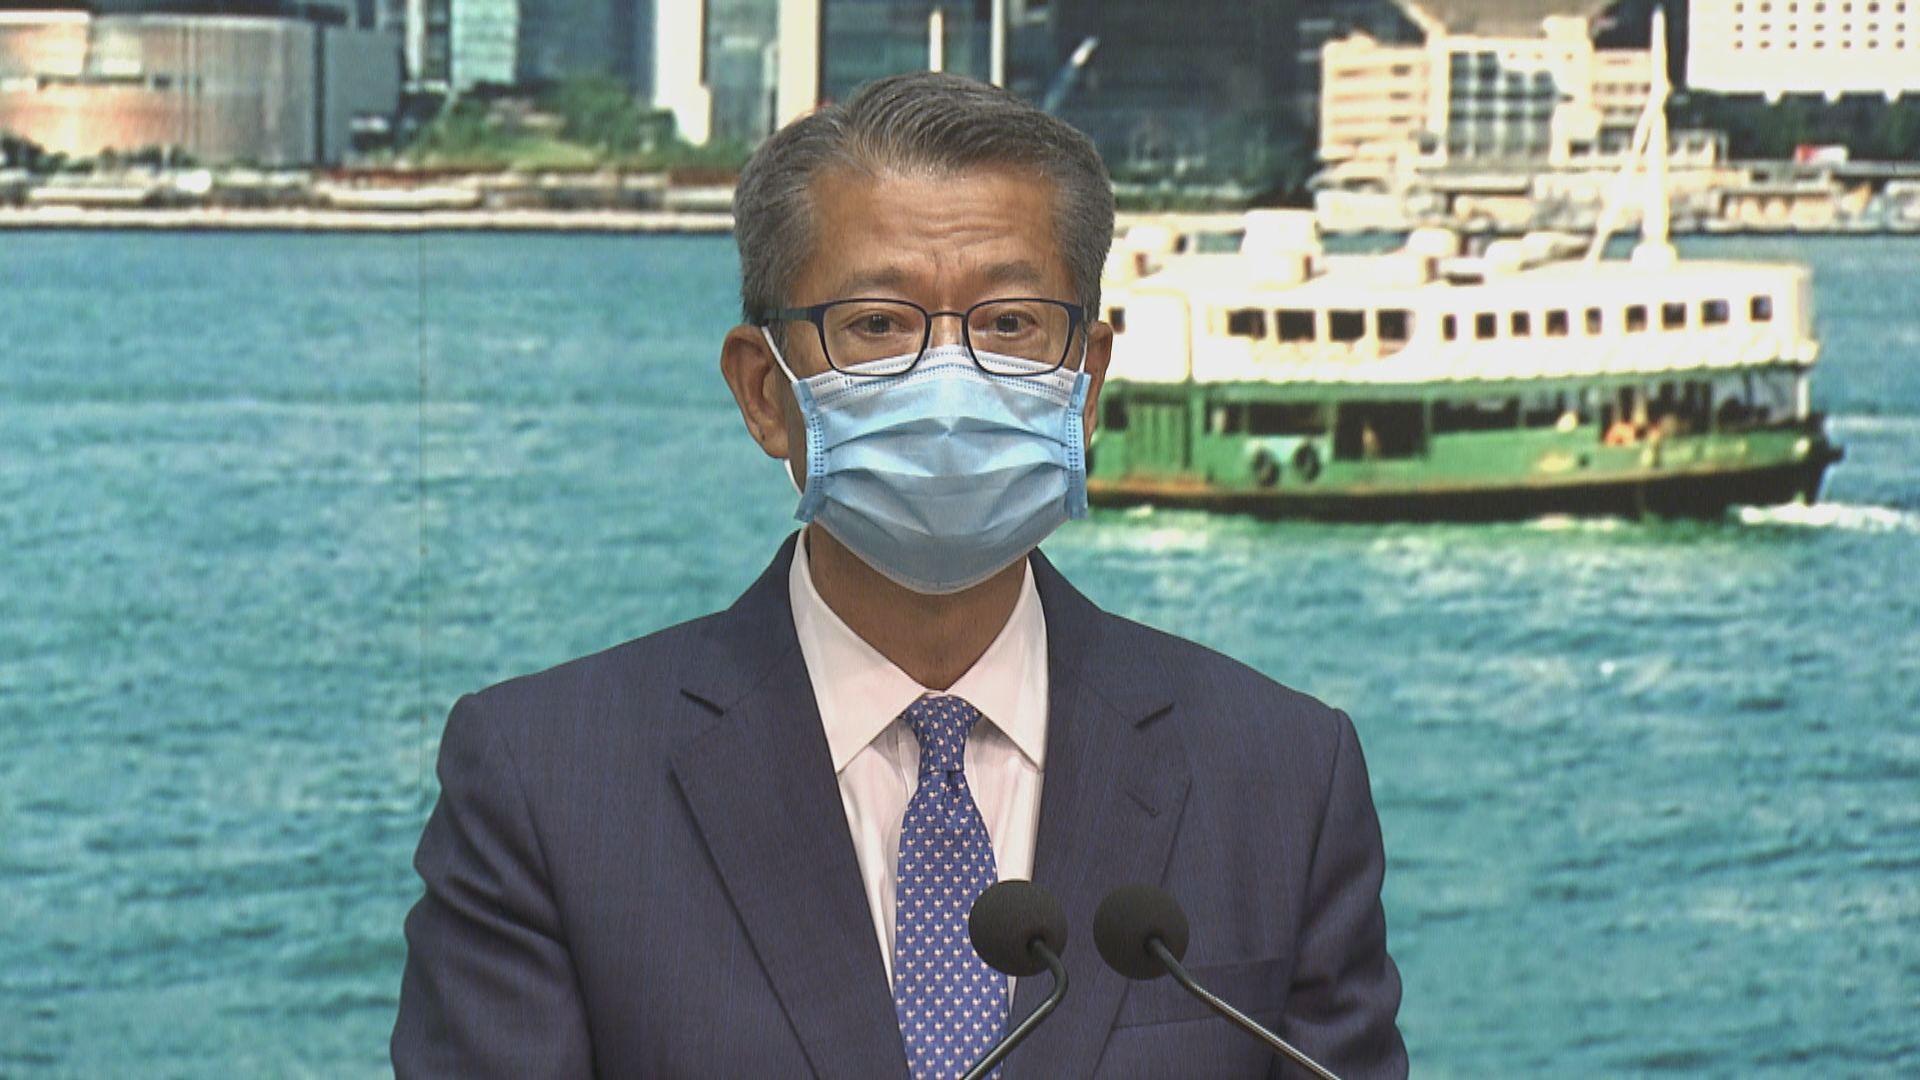 本港上季經濟縮8.9% 陳茂波﹕形勢不樂觀